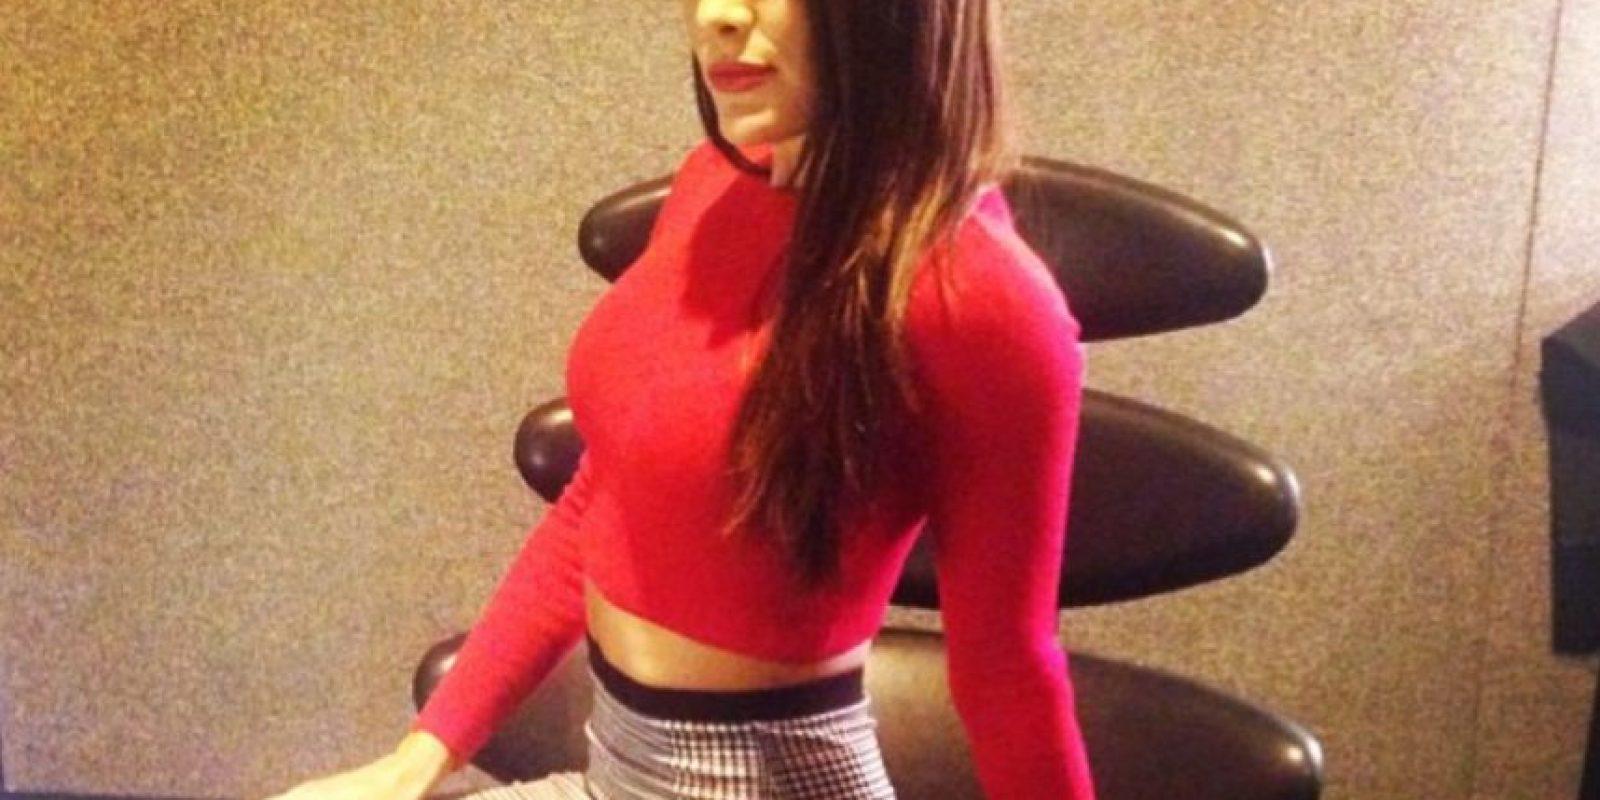 Brie también muestra fotos sexis con ropa de calle Foto:Instagram: @thenikkibella